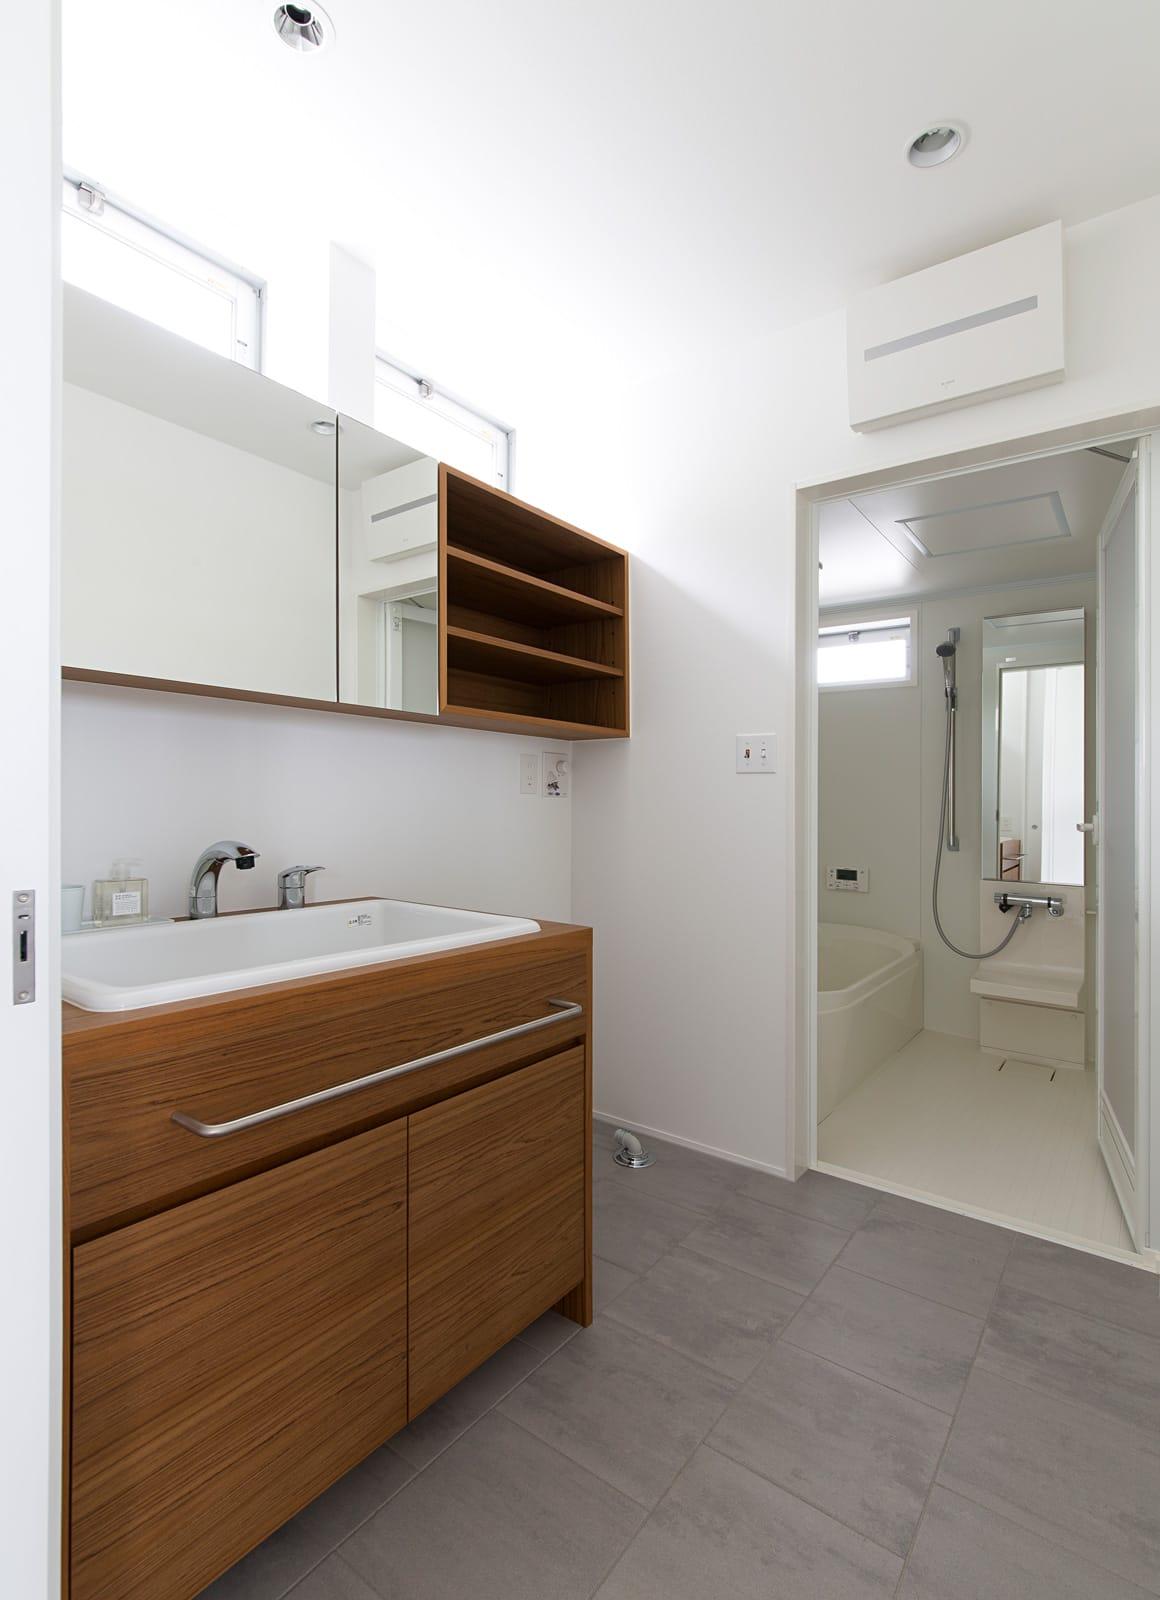 傾斜地に建つアウトドアデッキのある家の浴室・洗面室1